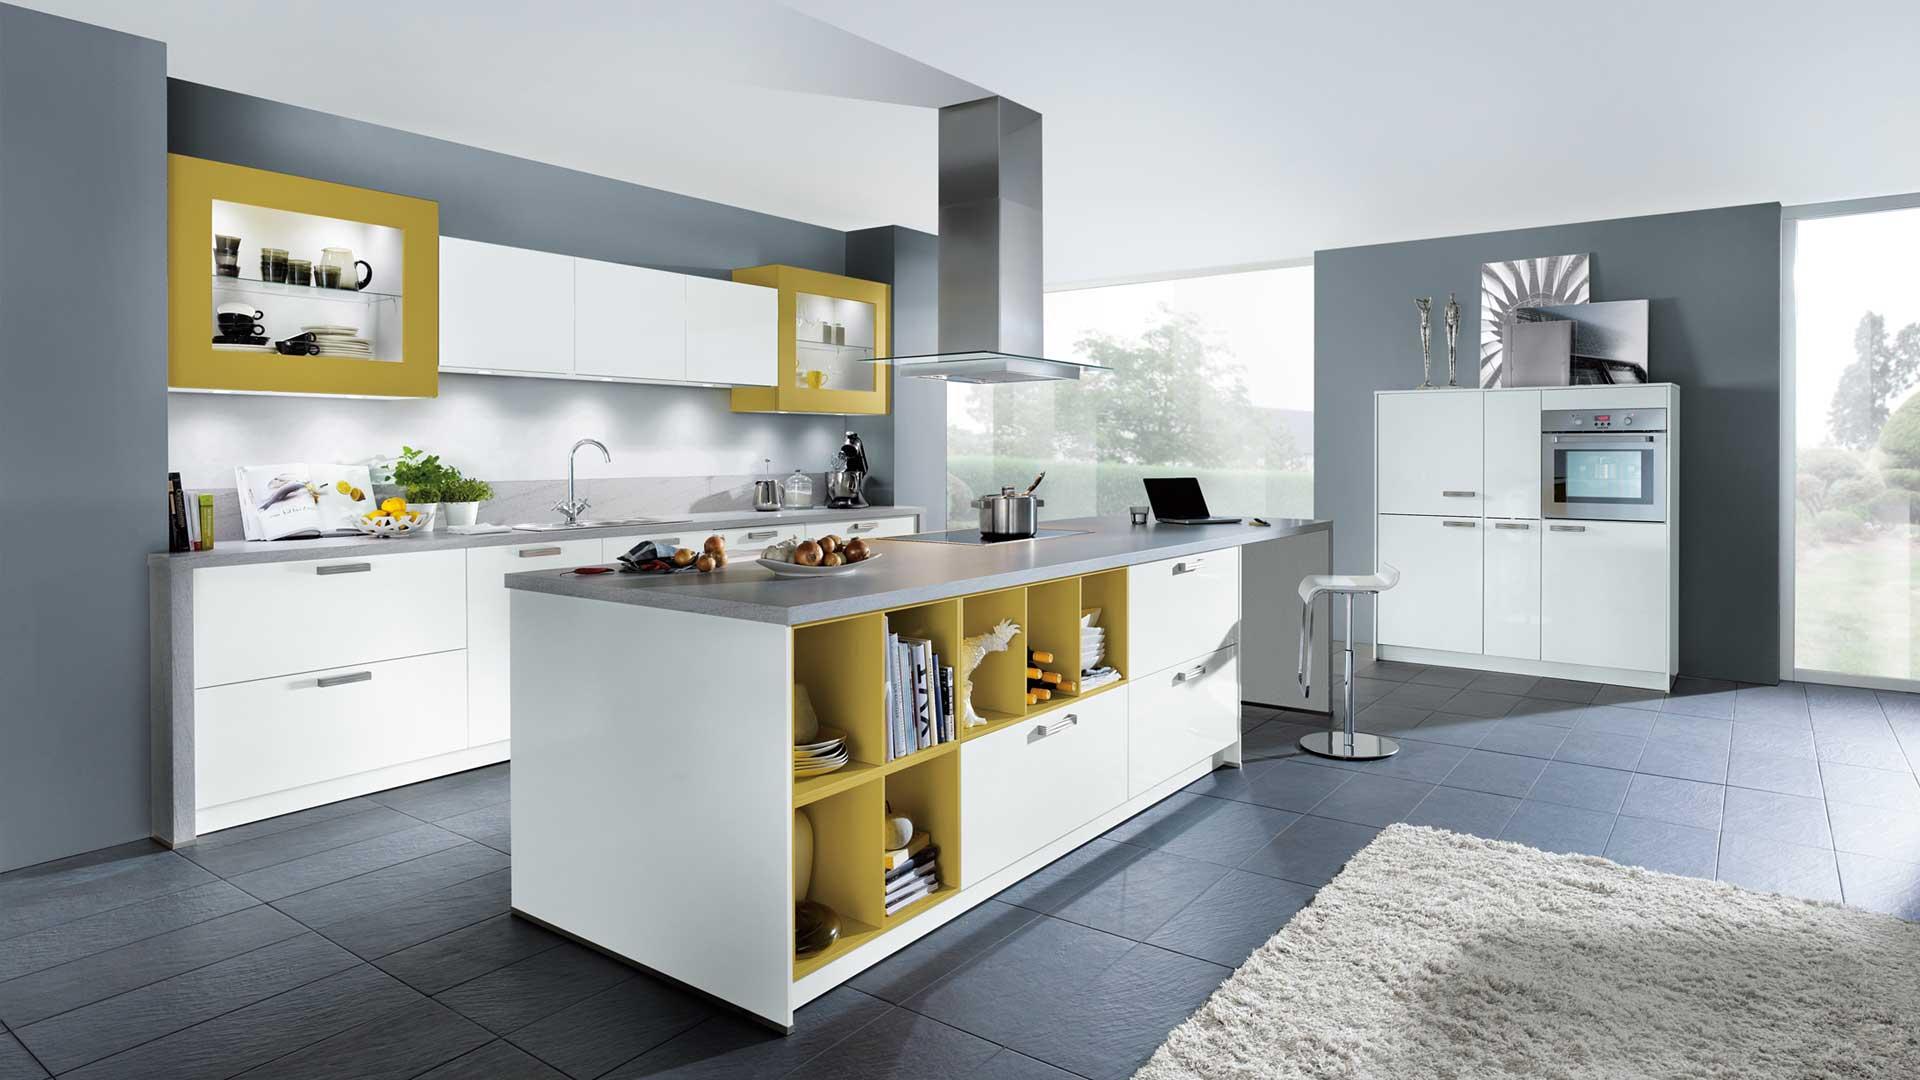 Contur Küchen:51.120 in Garbsen nahe Hannover - MÖBEL HESSE ...